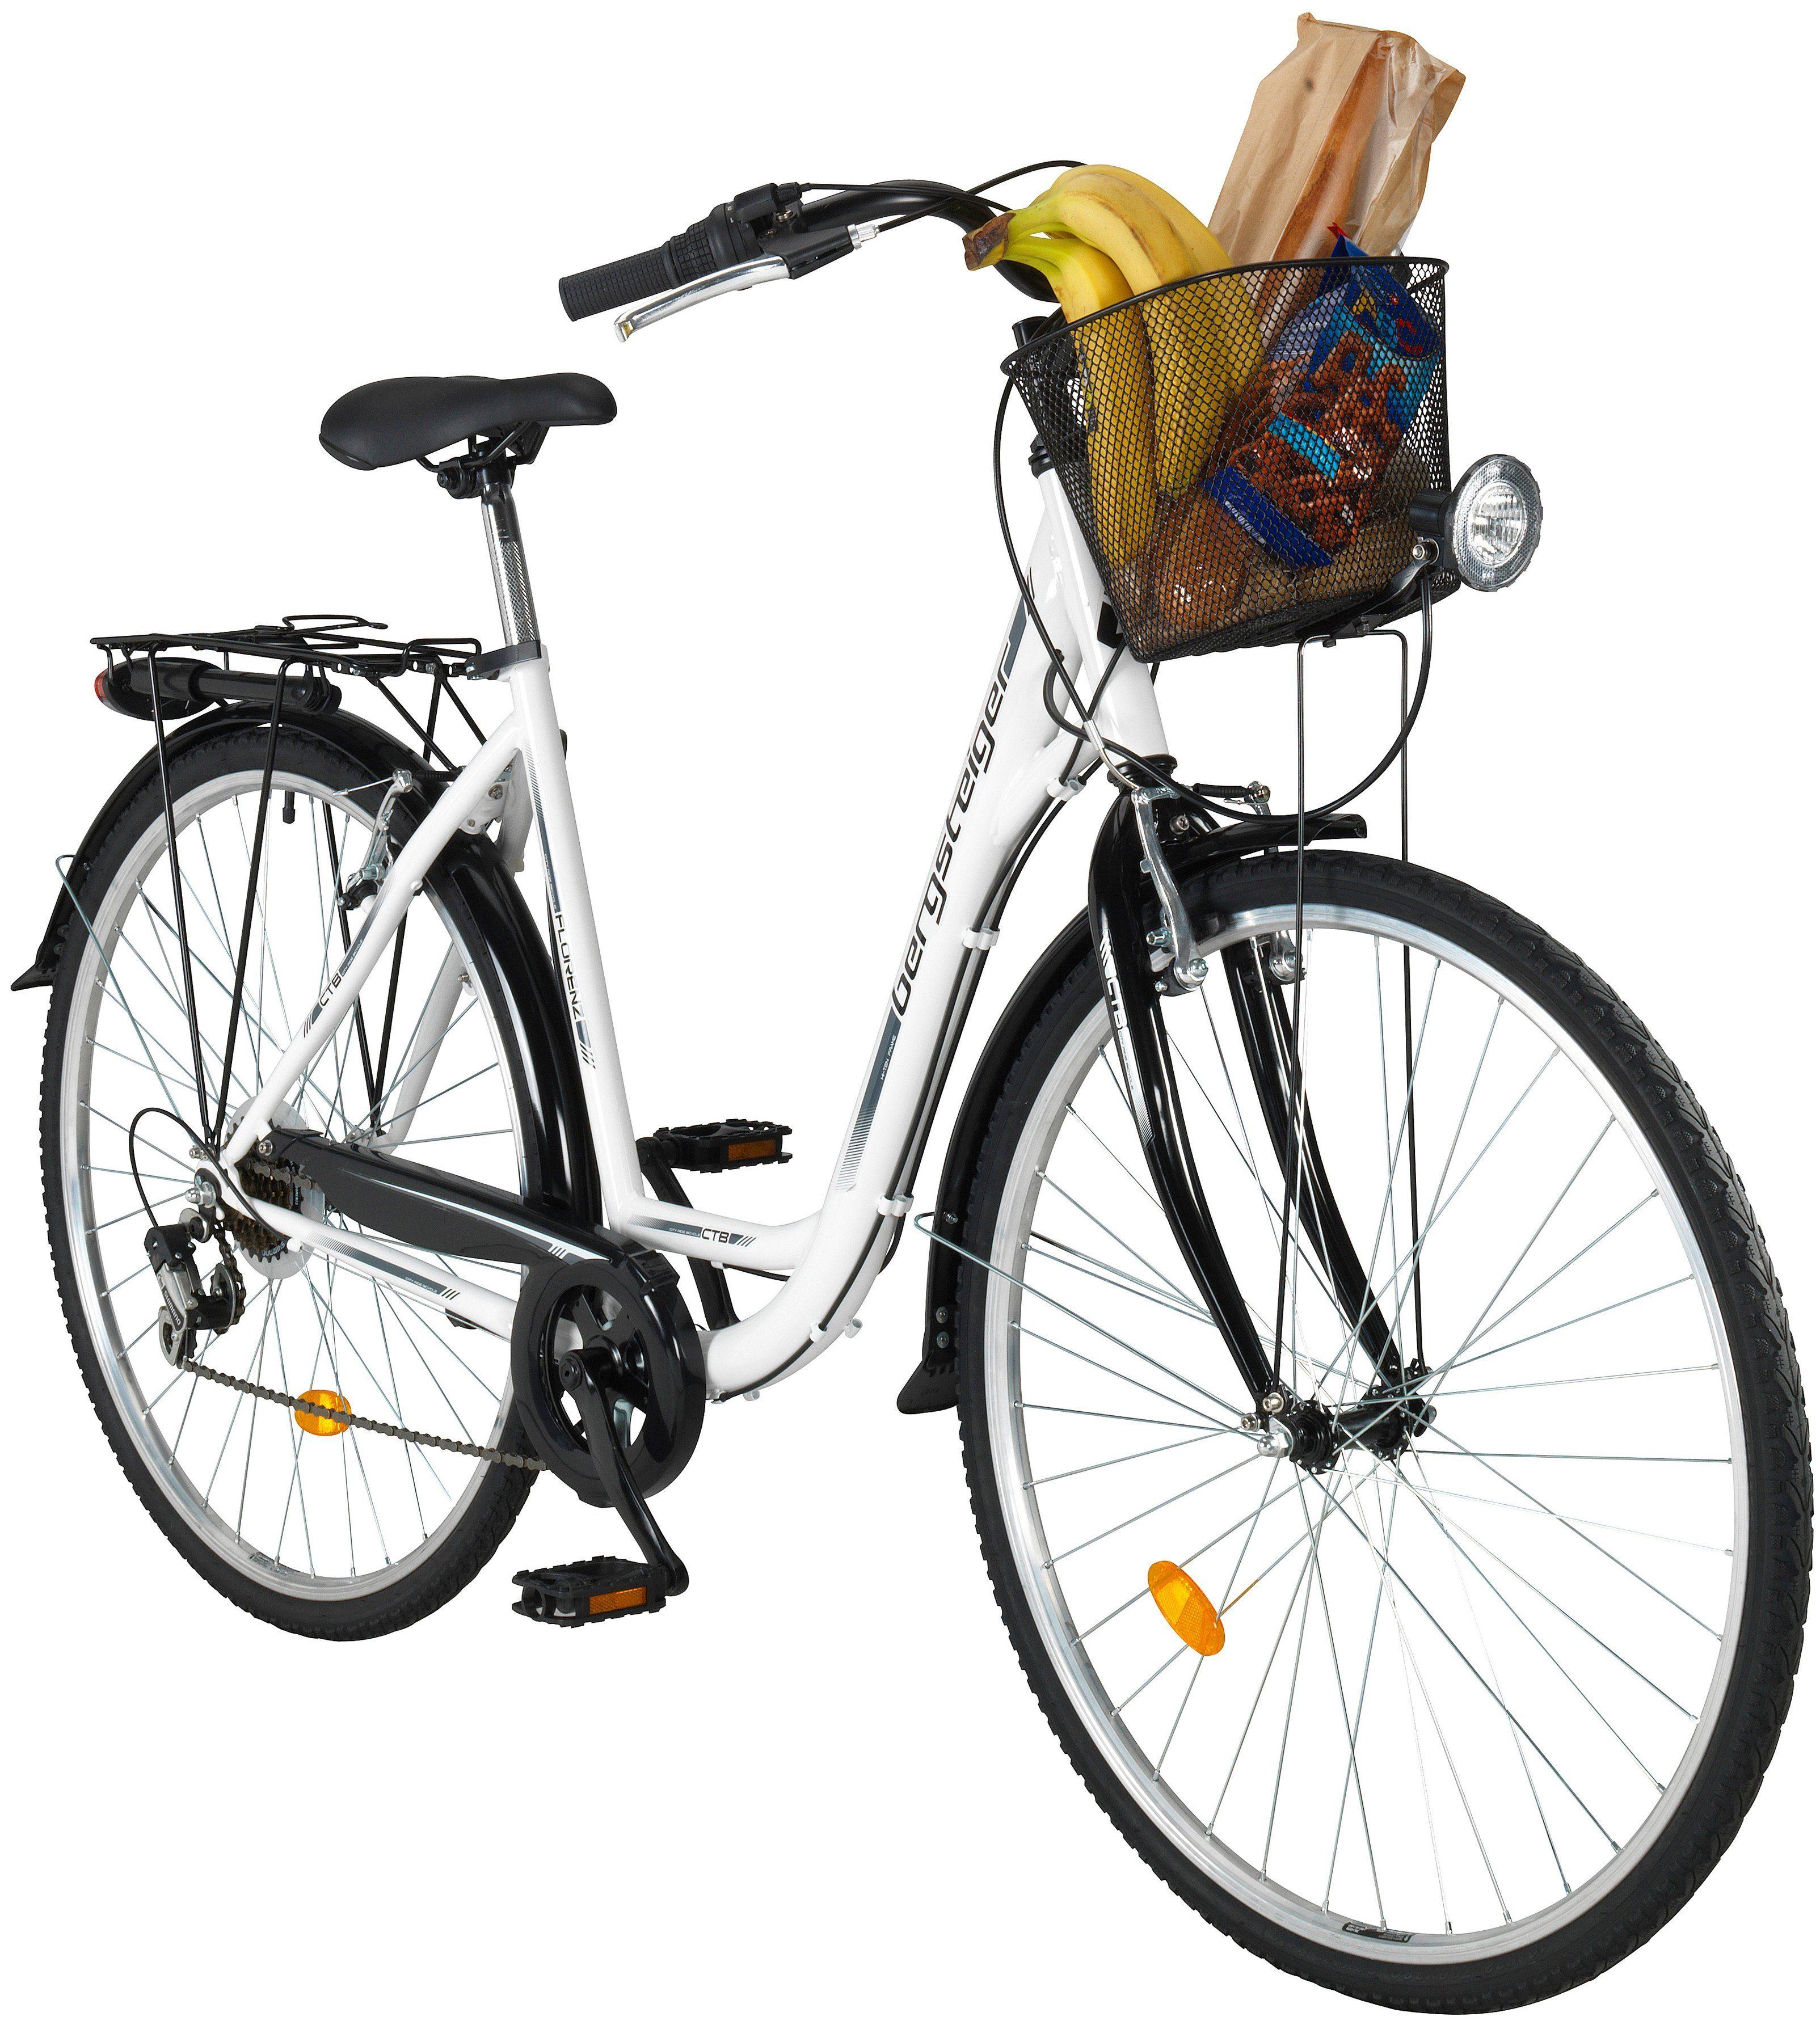 BERGSTEIGER Citybike Damen »Florenz«, 28 Zoll, 7 Gang, V-Bremsen